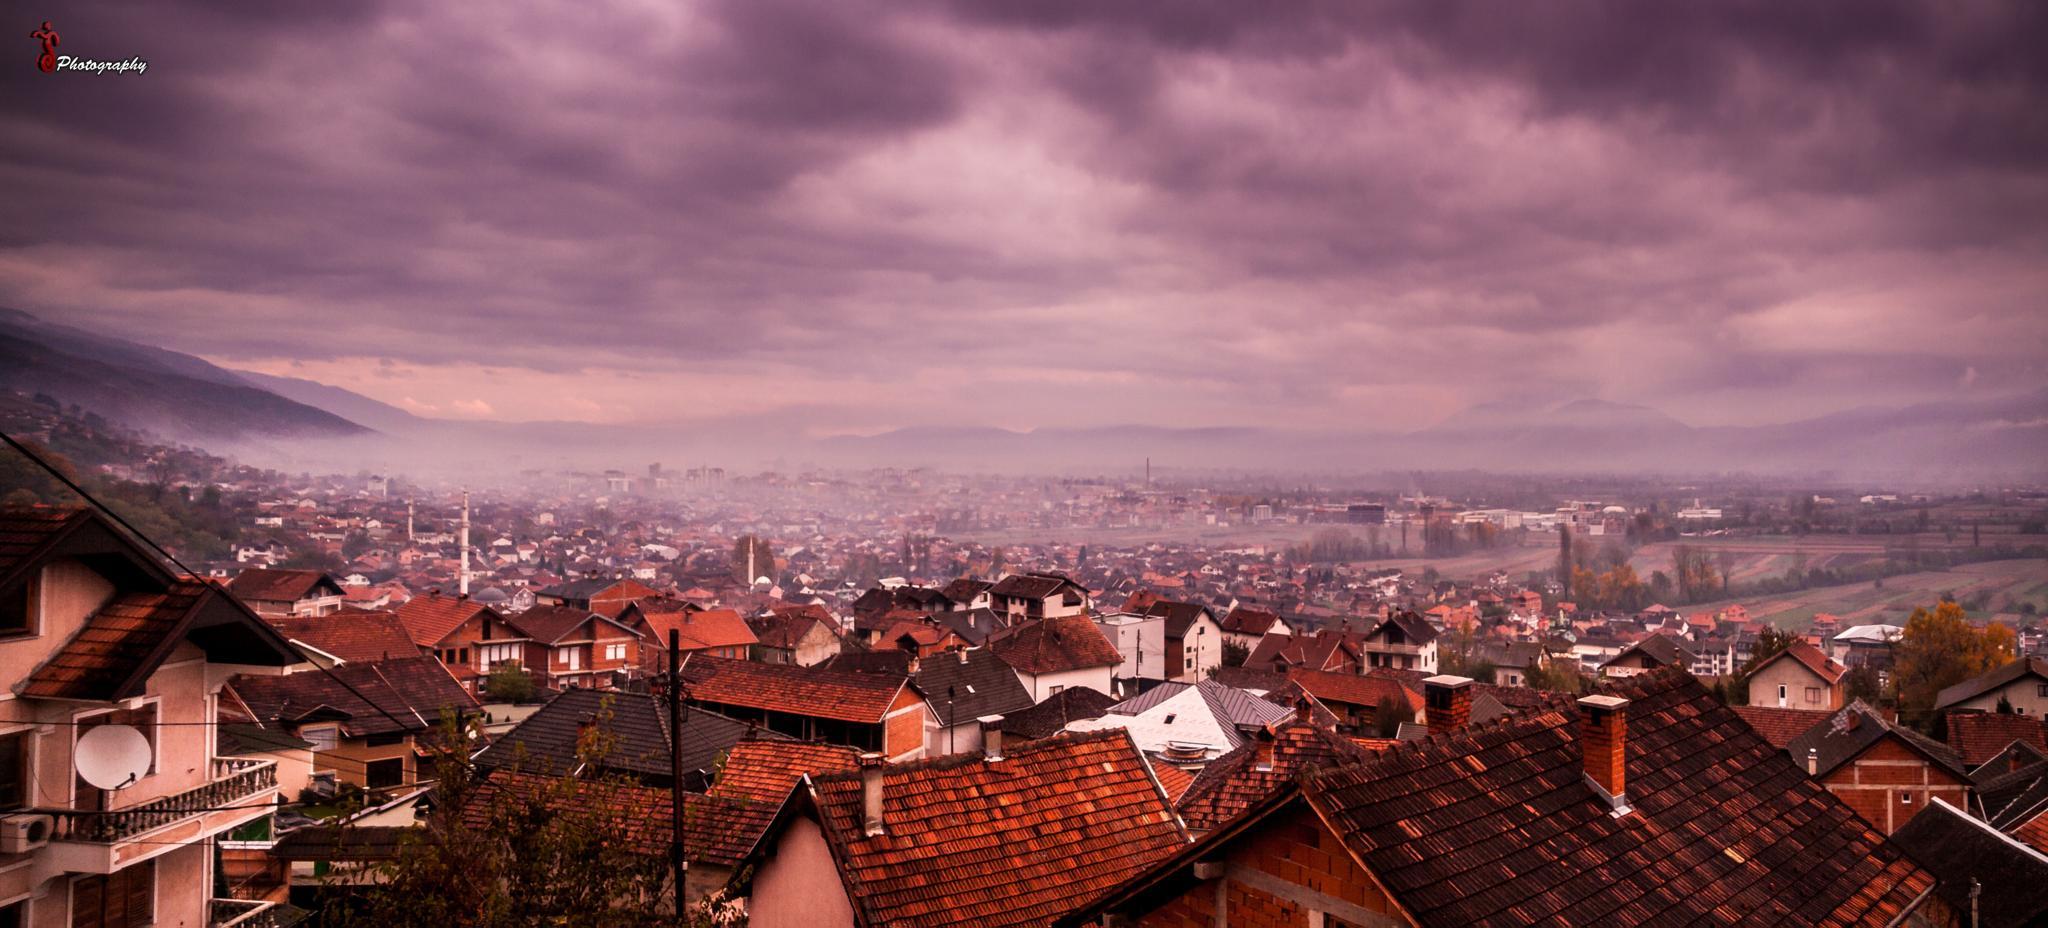 Tetovo by Jetmir Sejdia